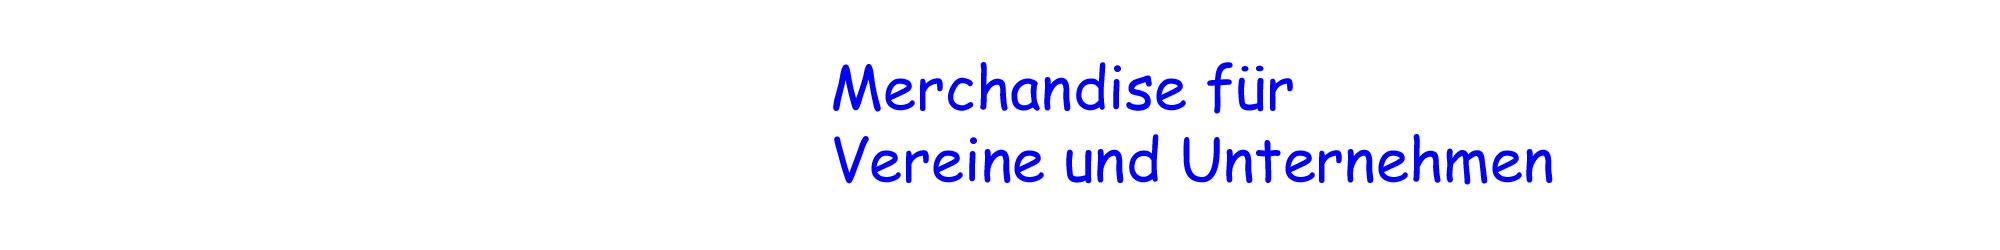 fanshop4you.de – so gut wie alles für Vereine und Unternehmen